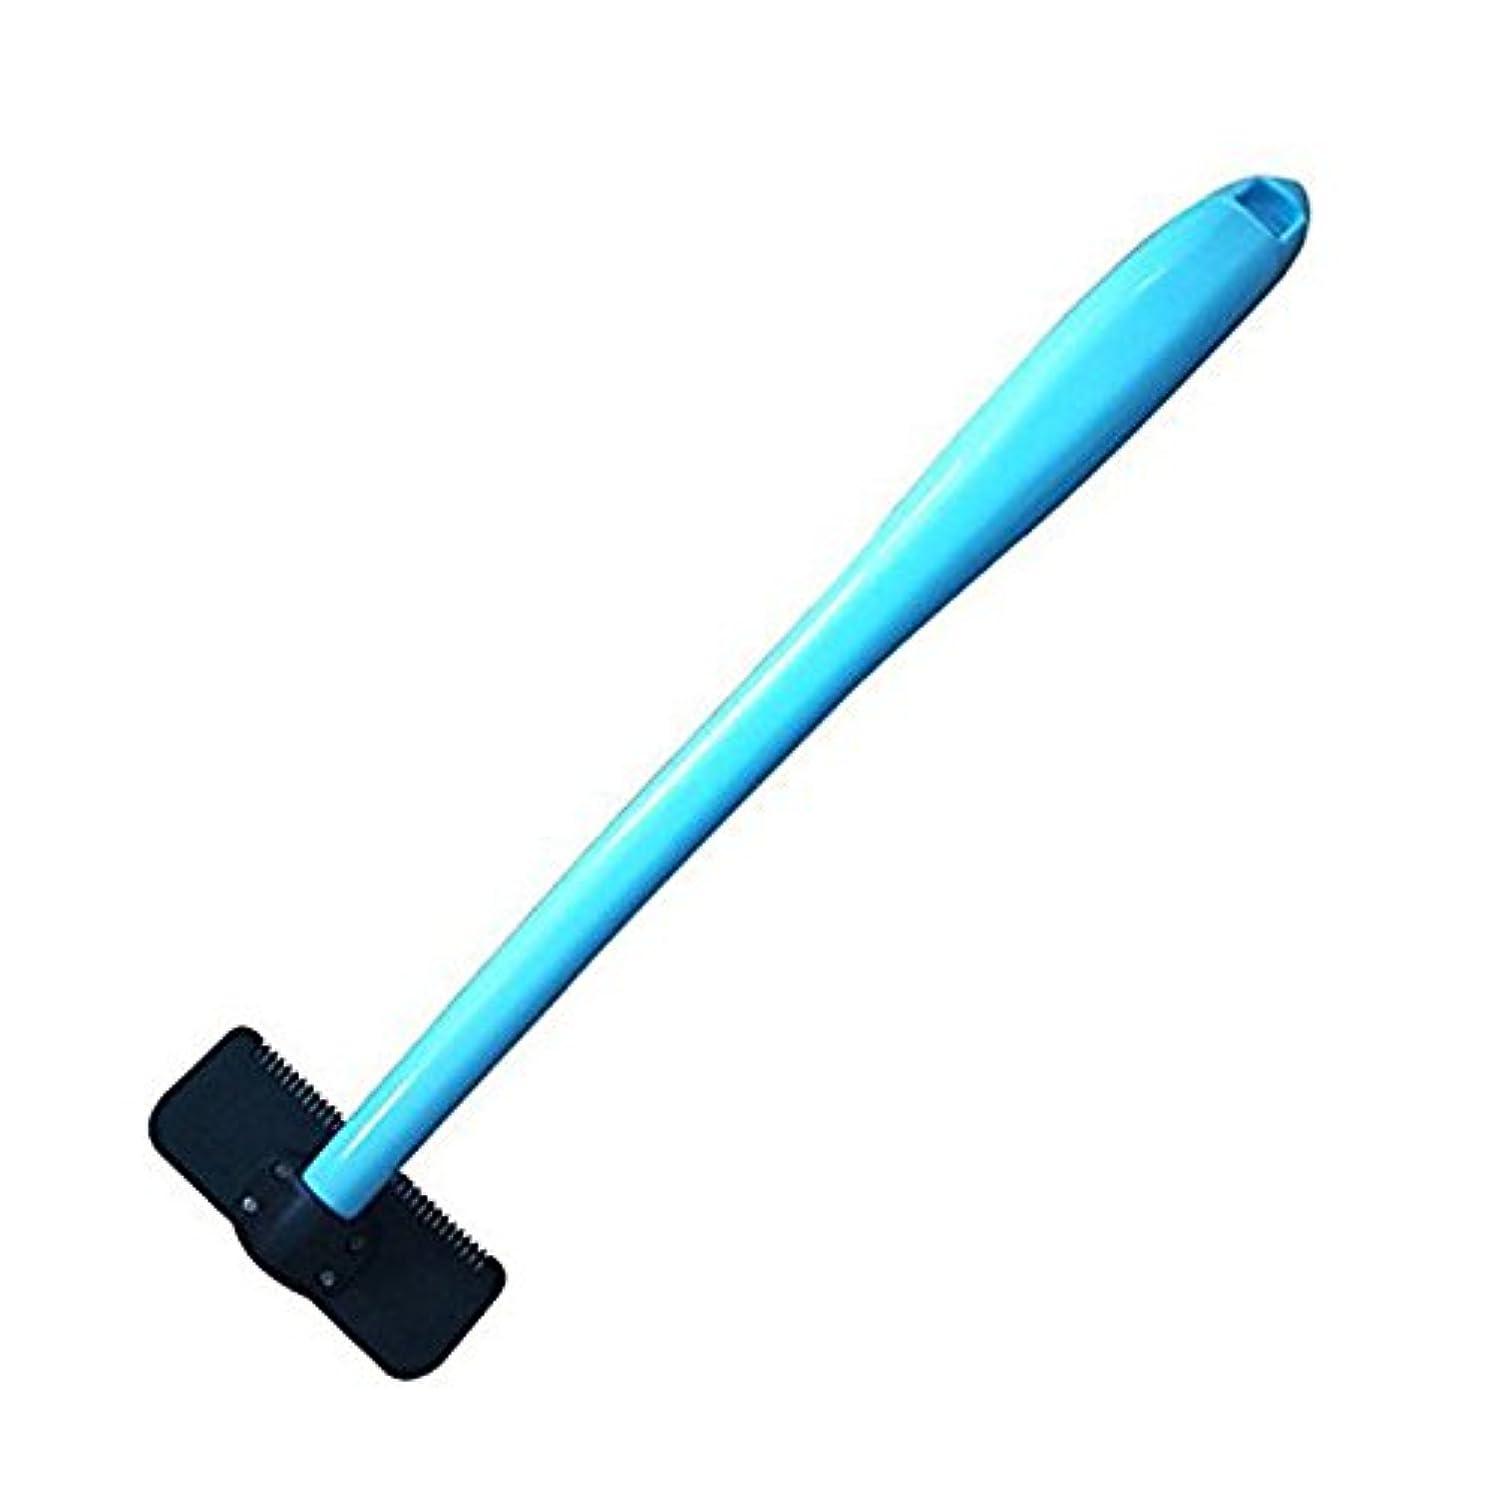 振り向く必要条件作成者Liebeye バックシェイバー メンズ バックヘアプラスチックロングシェービングハンドルシェーバーボディヘアケア ブルー